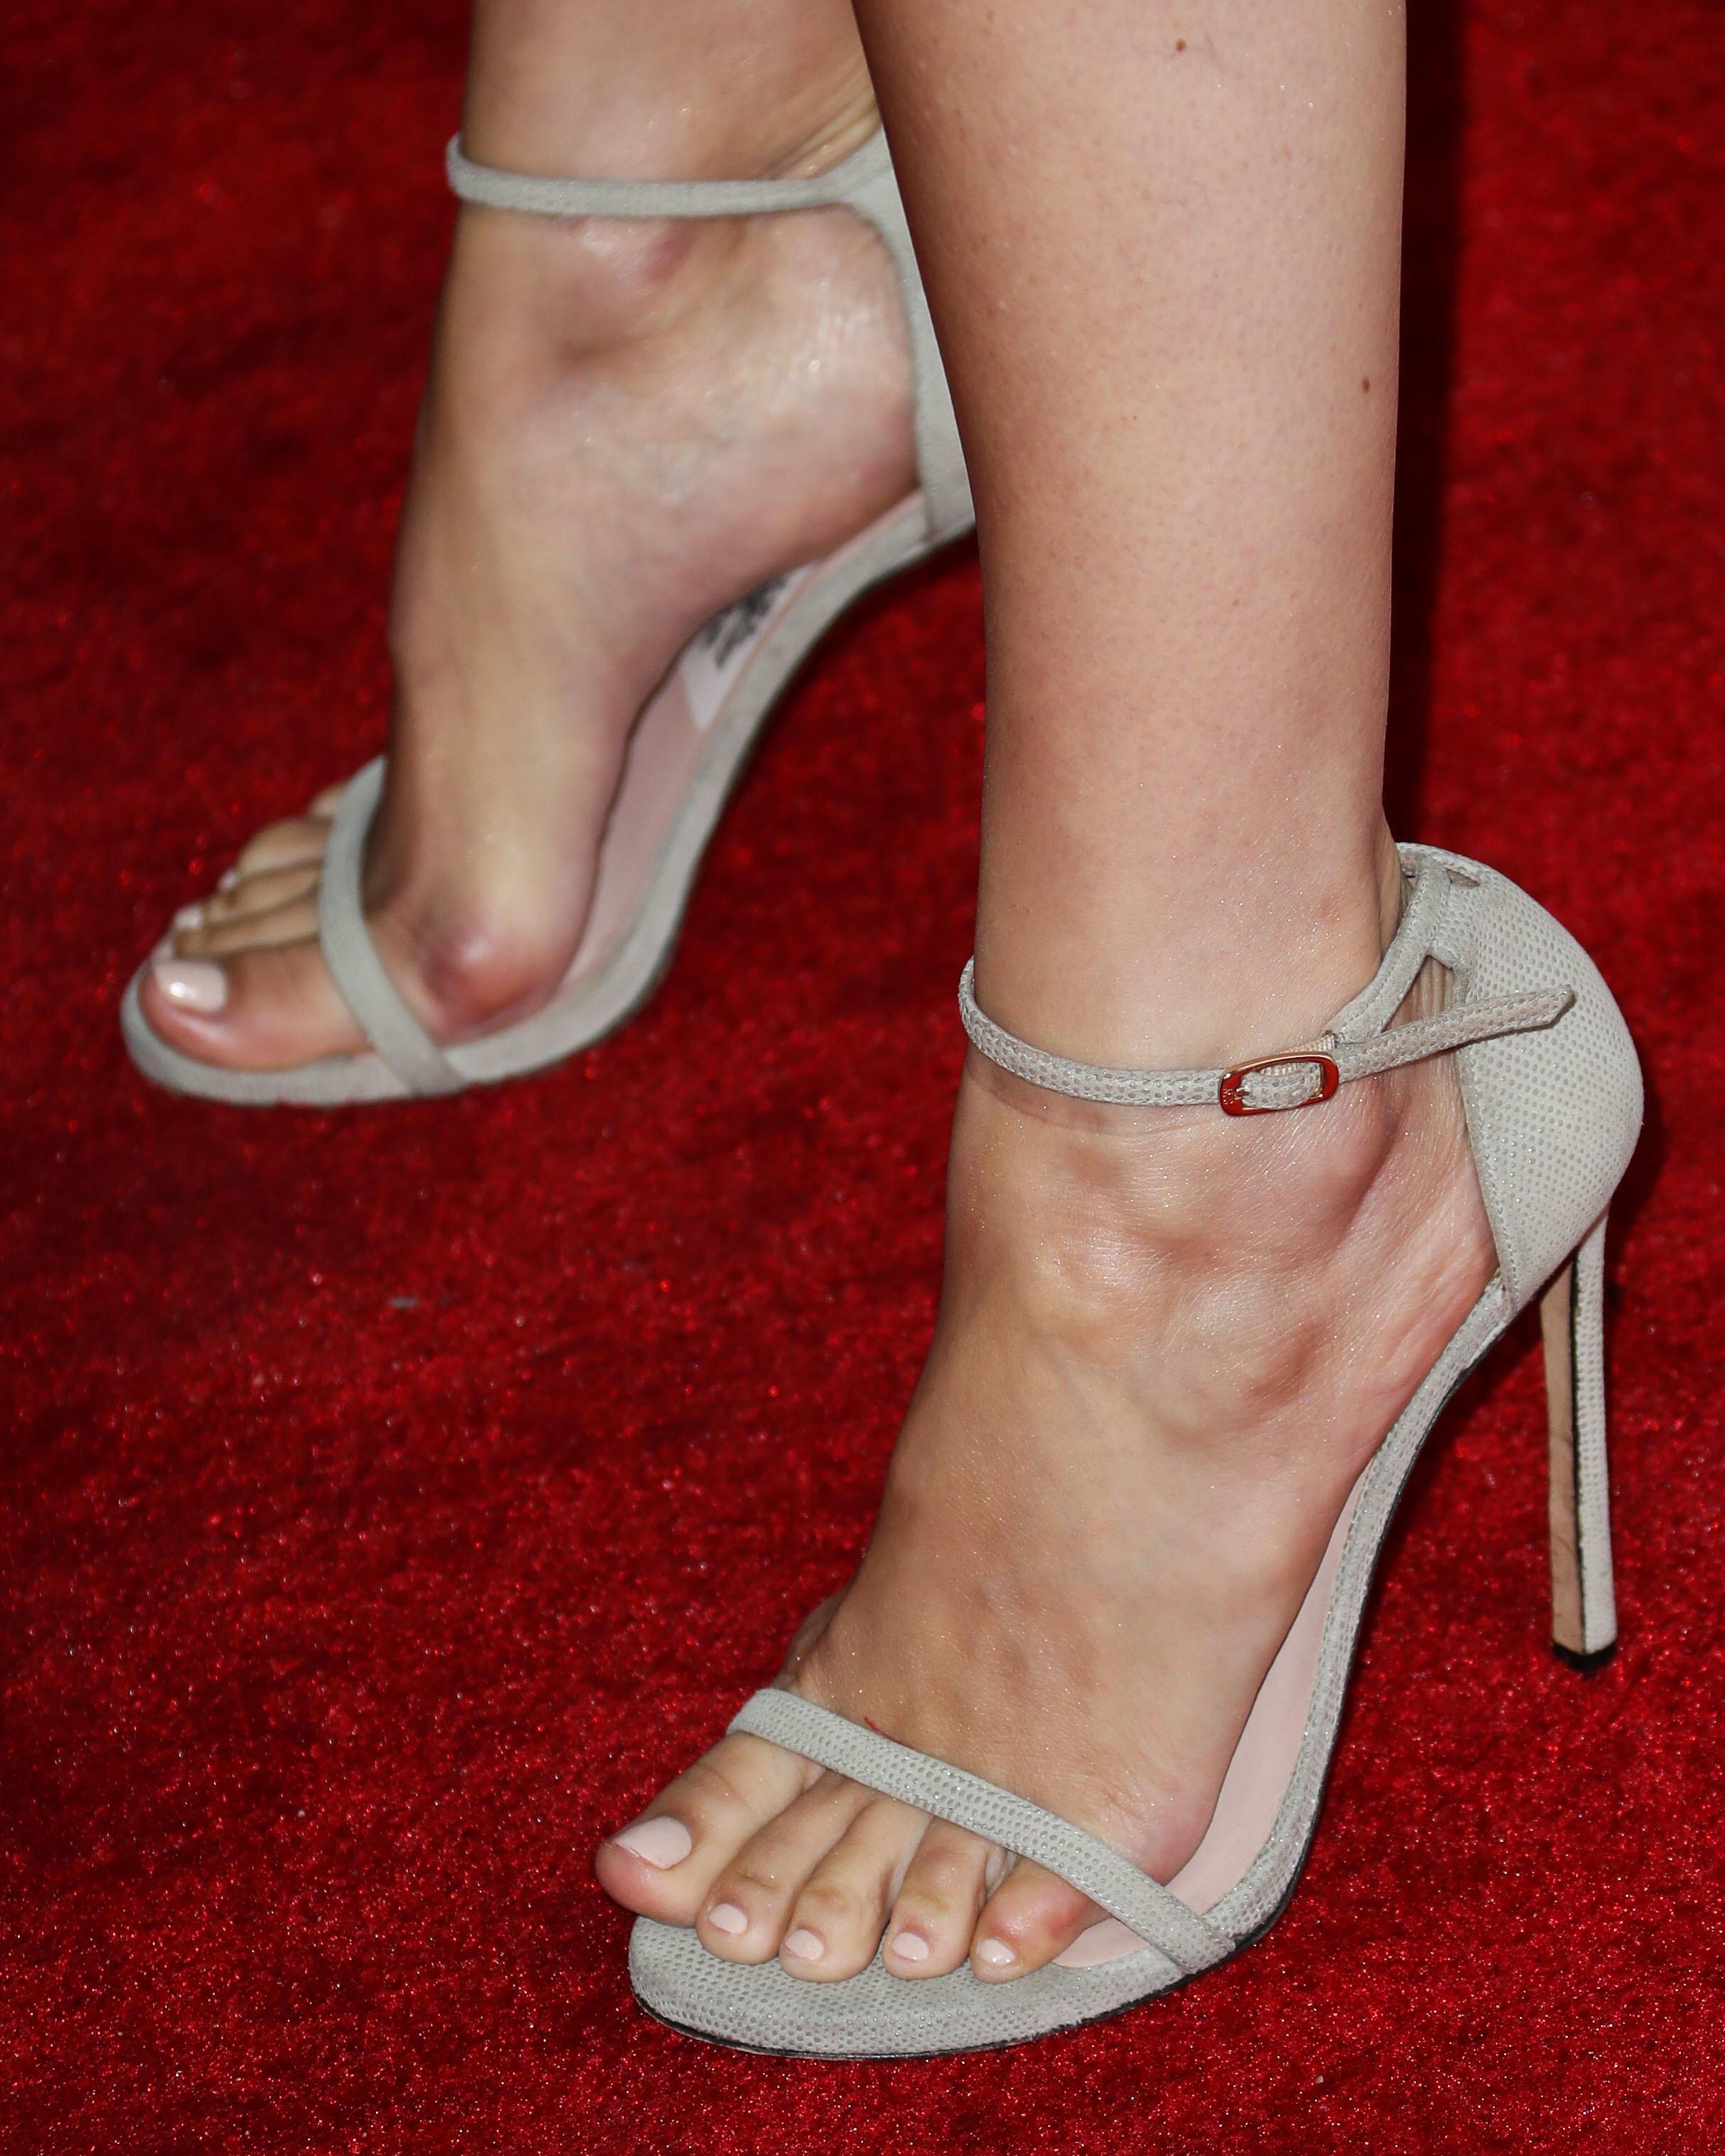 Feet Camilla Belle nudes (88 pics), Sideboobs